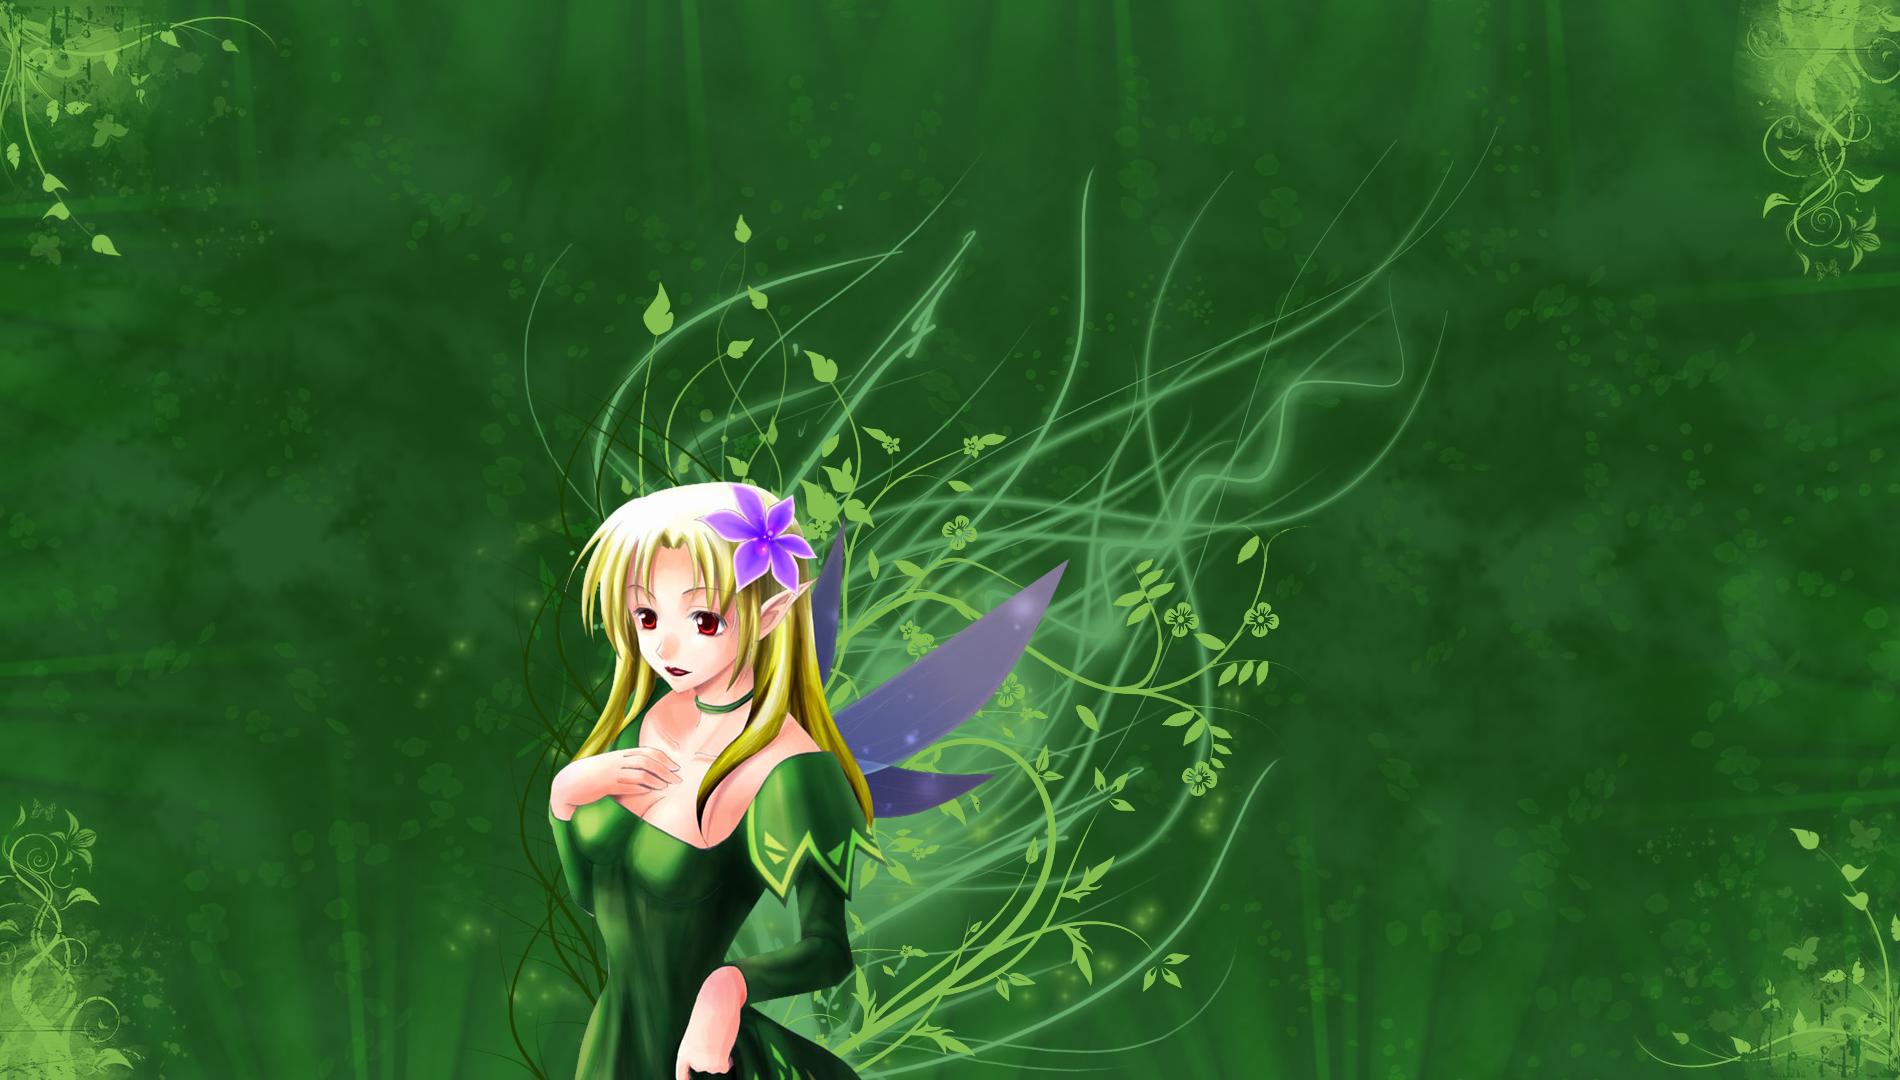 Earth Fairy by AinoWallen on DeviantArt